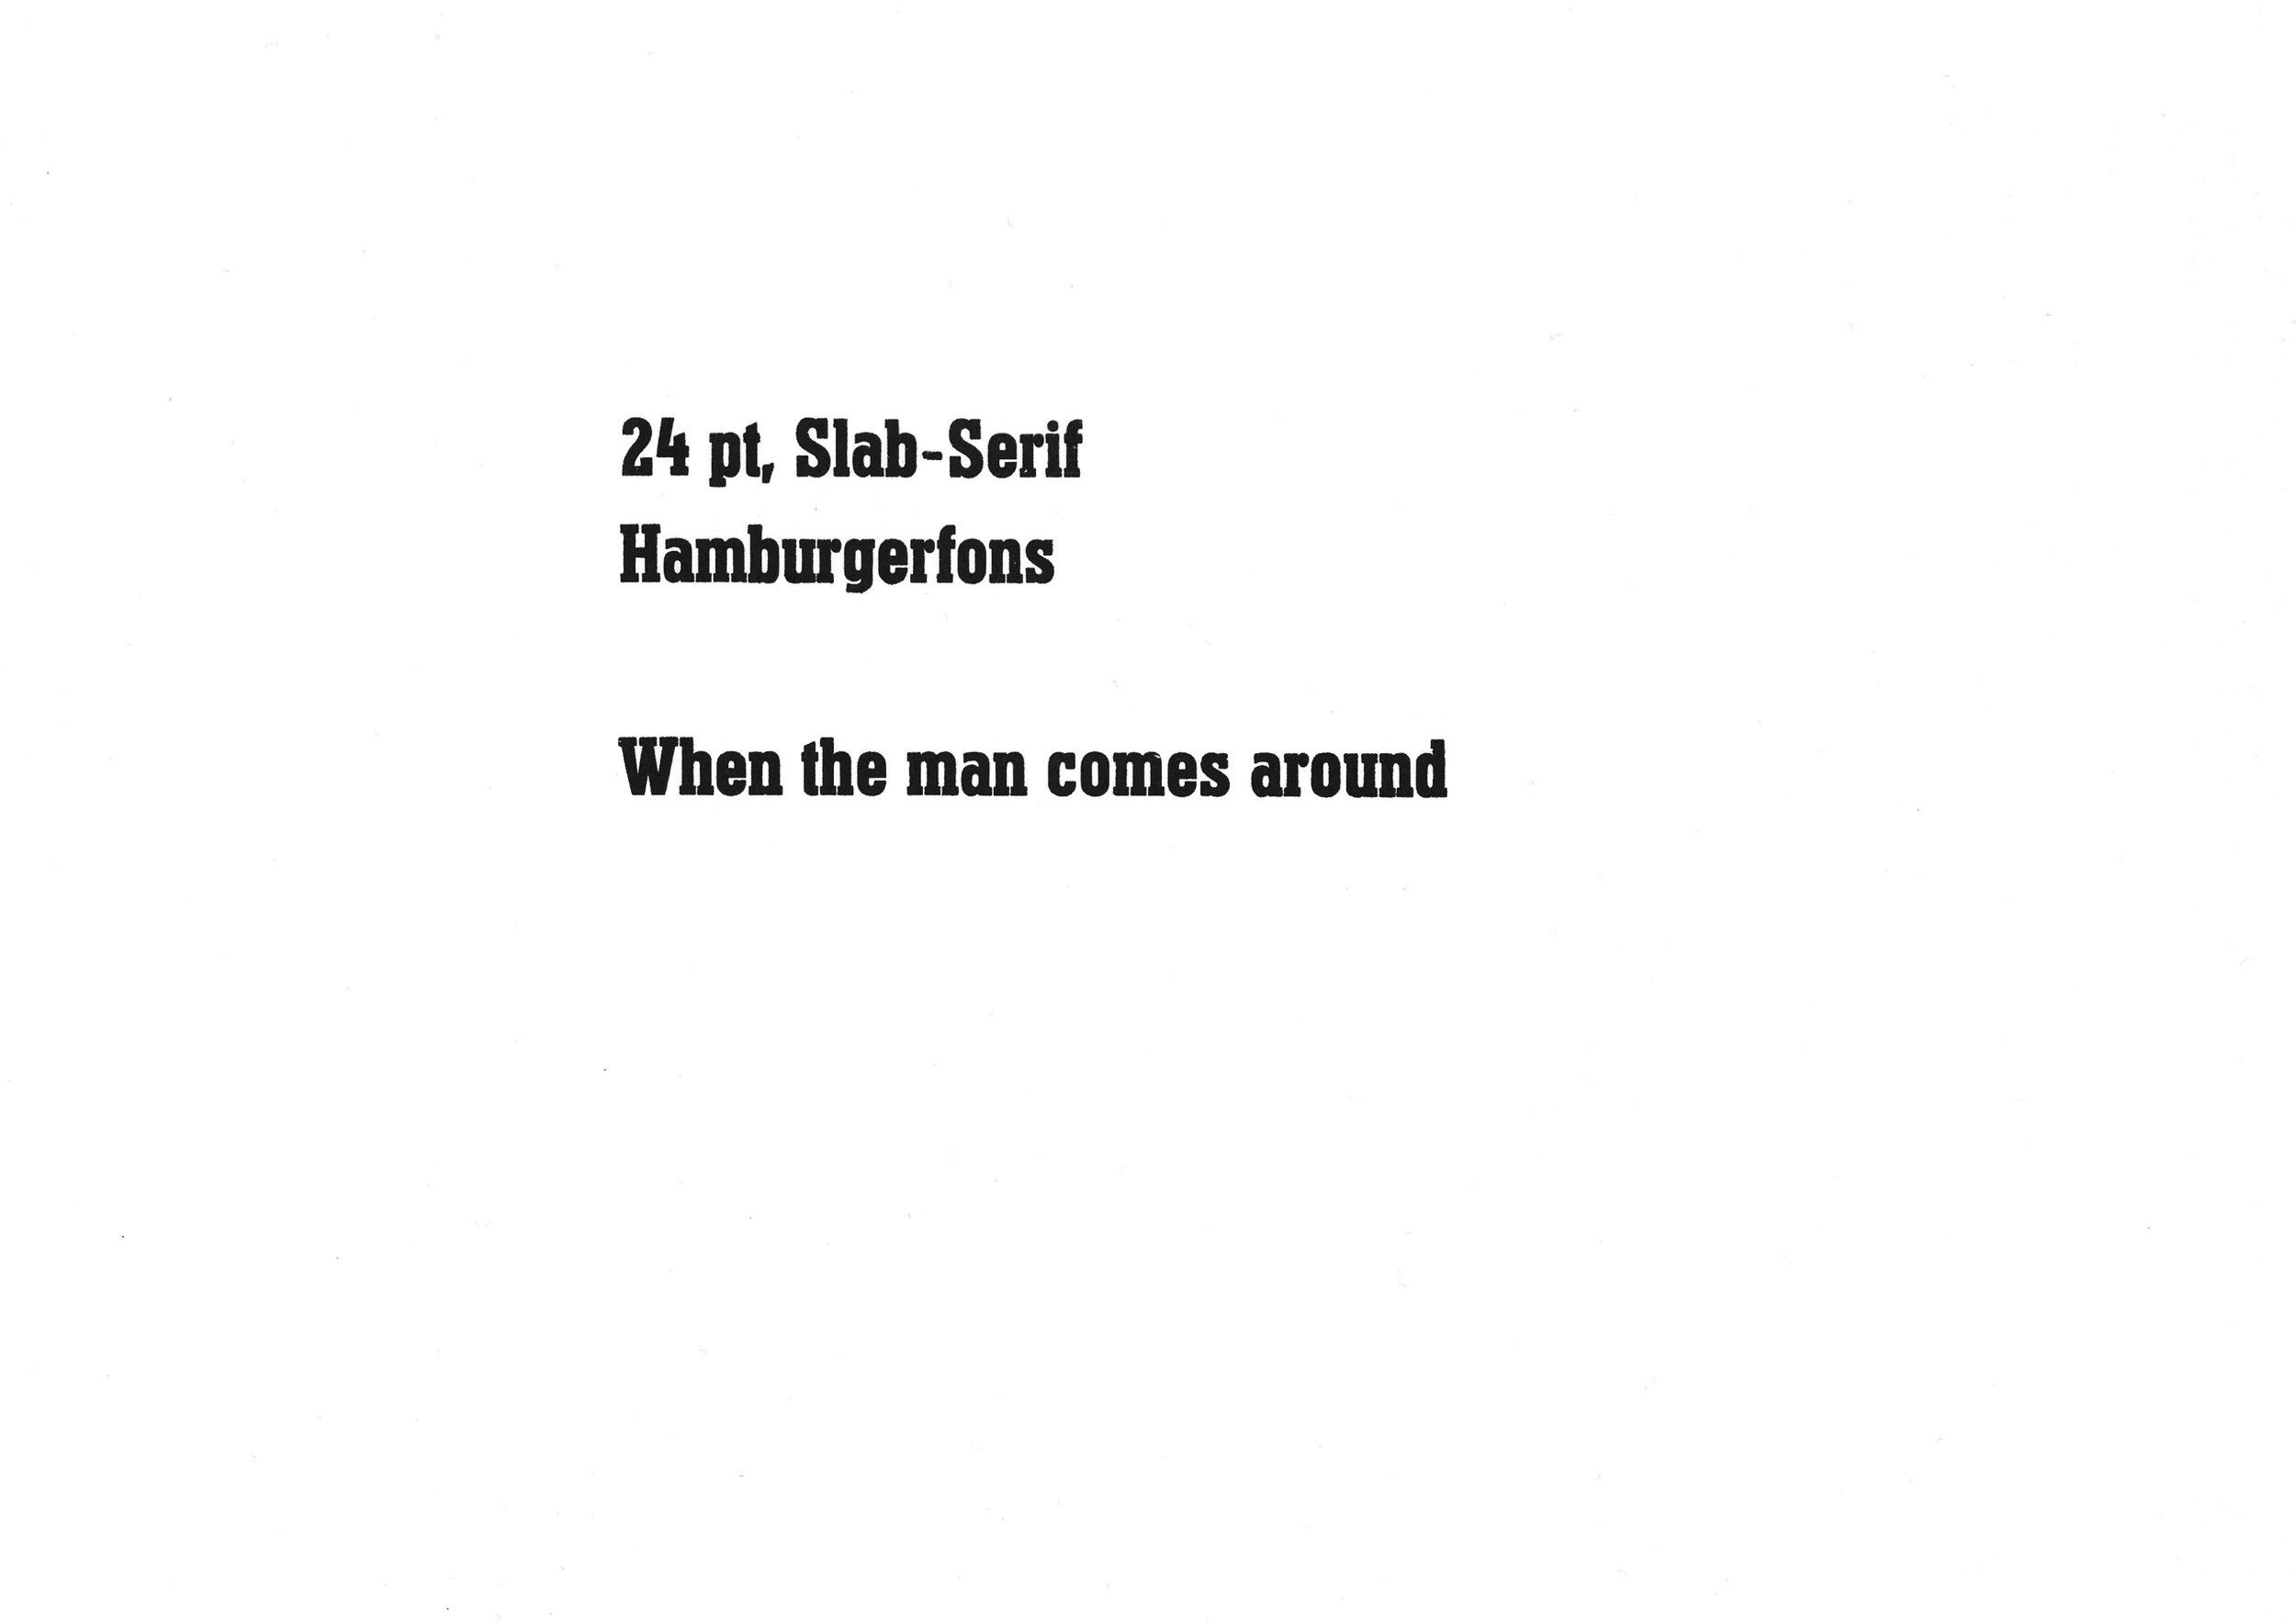 24pt. Slab Serif